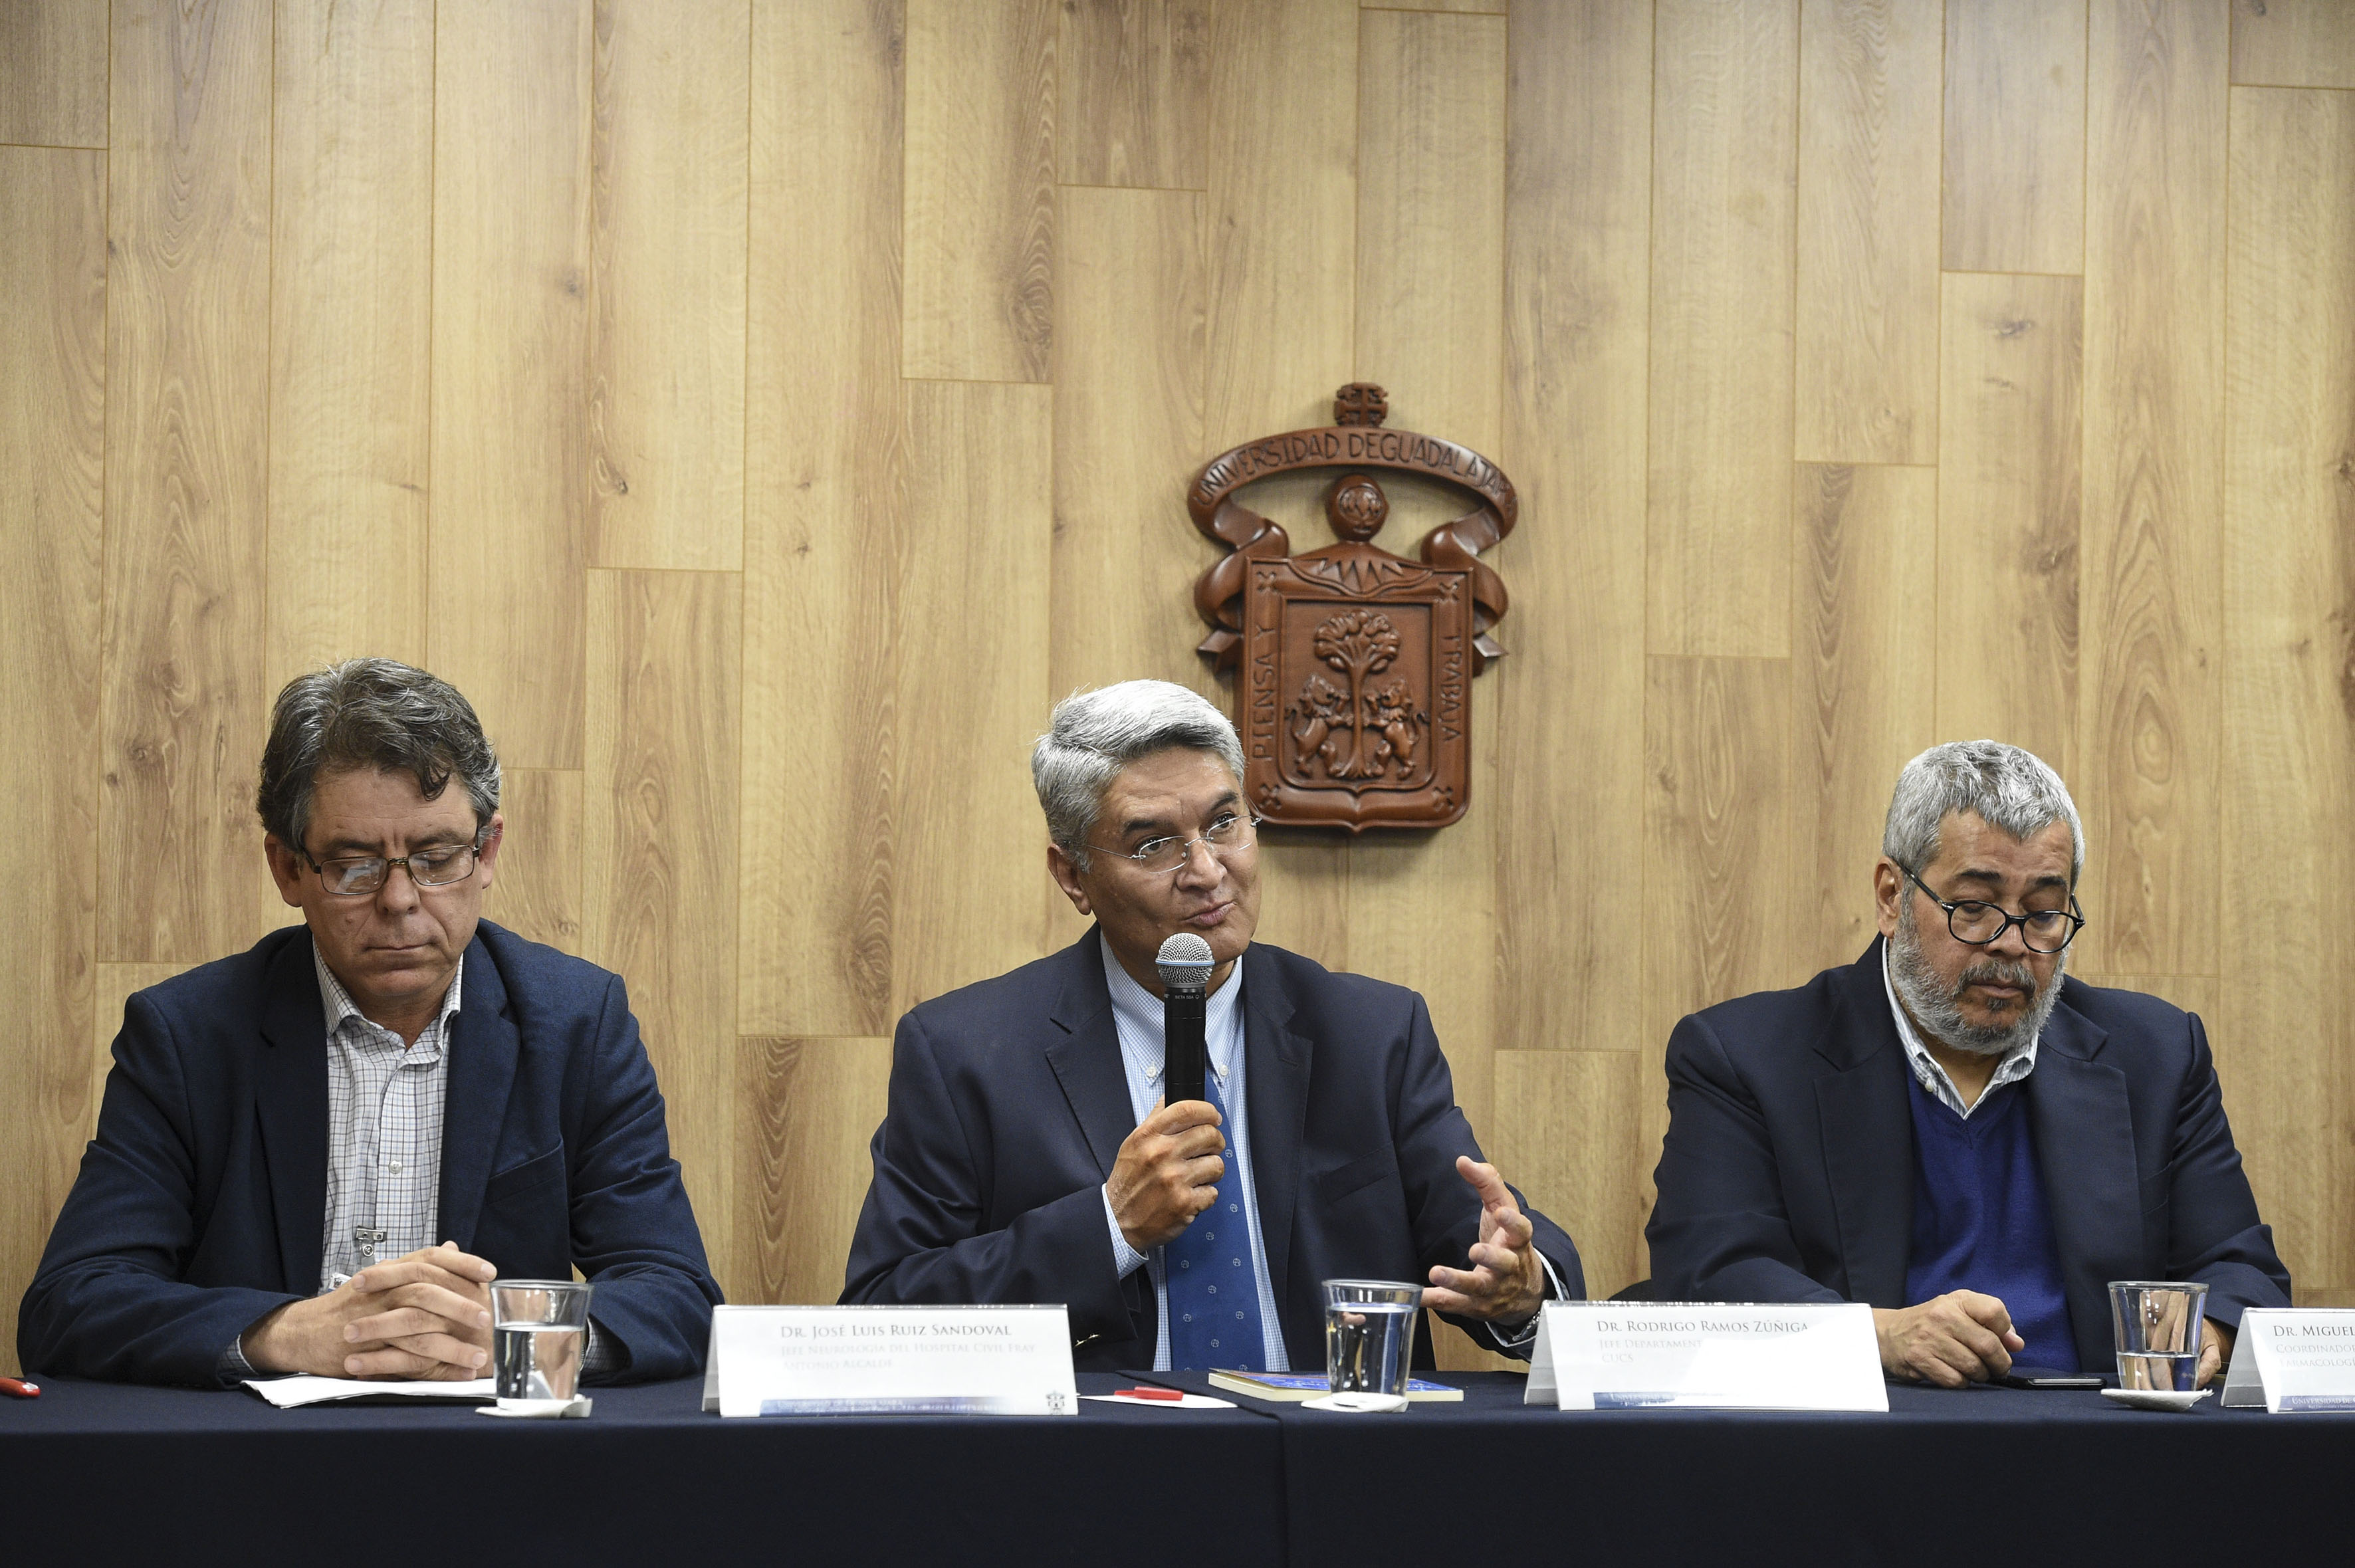 Al micrófono el Dr. Rodrigo Ramos Zúñiga en compañía de los miembros del presídium